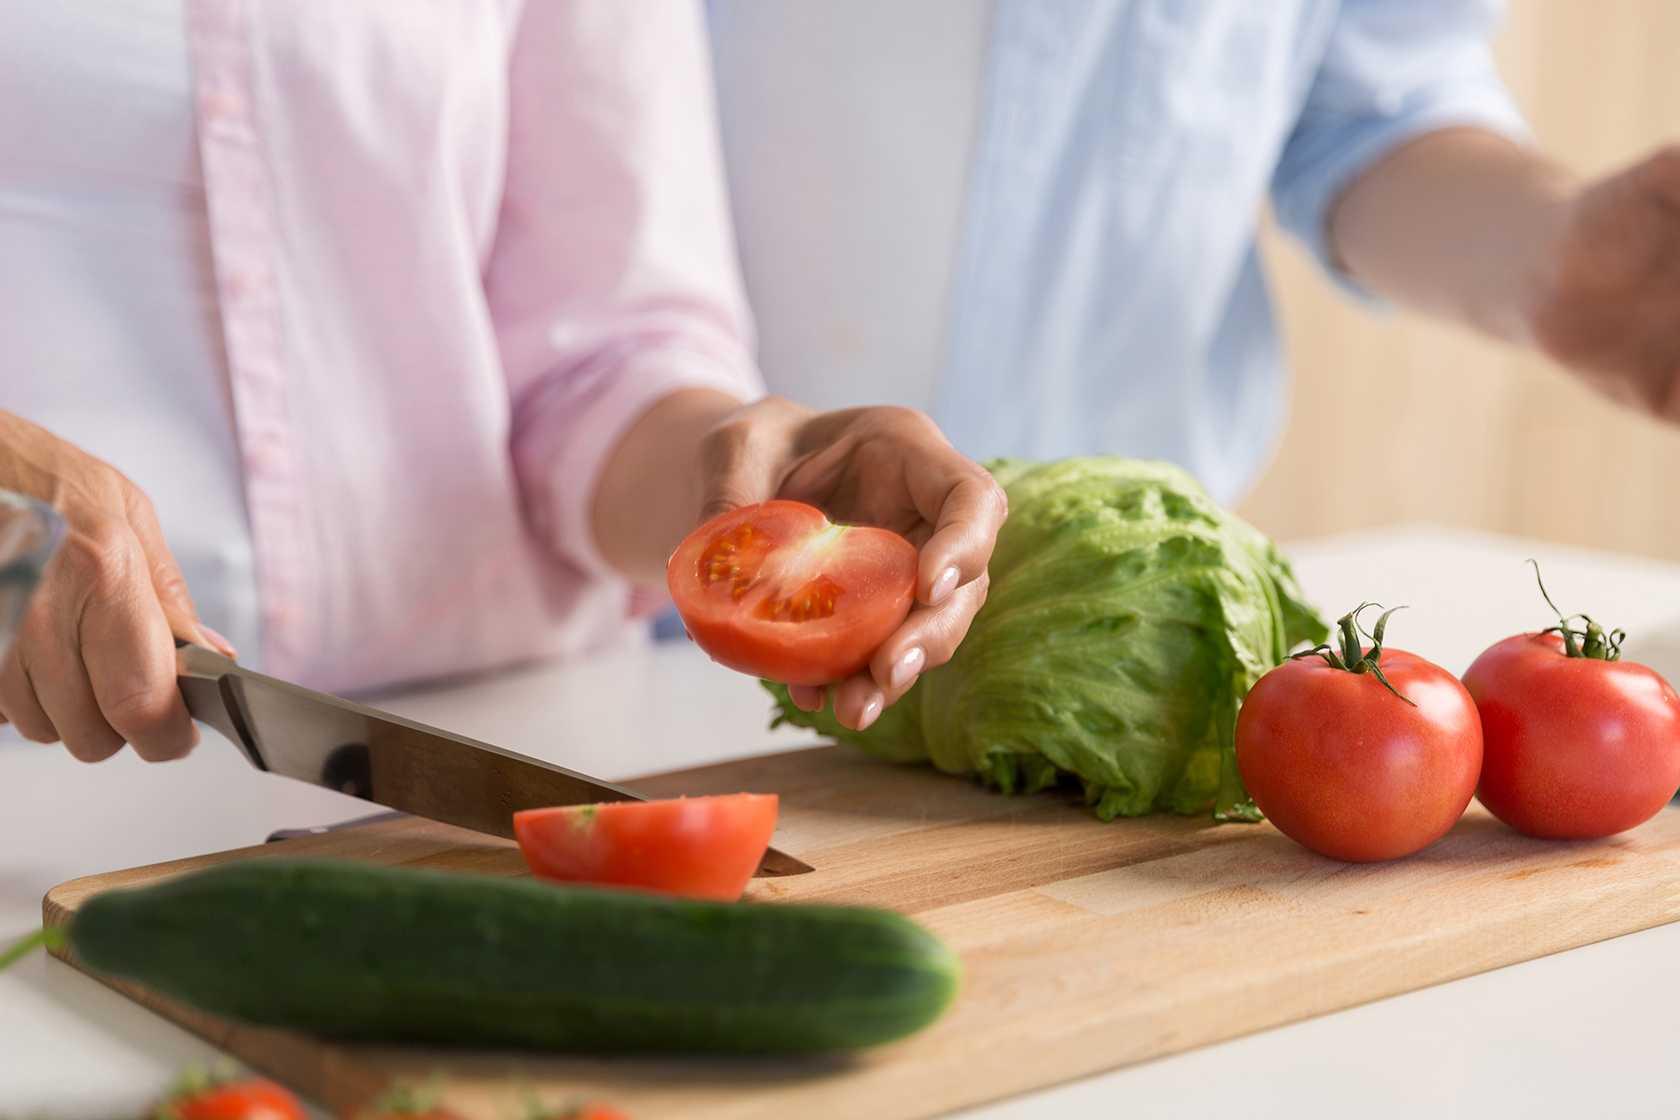 Польза и вред голодания для организма человека Вы узнаете в чем суть методики, как она работает и как же правильно подготовиться в голоданию